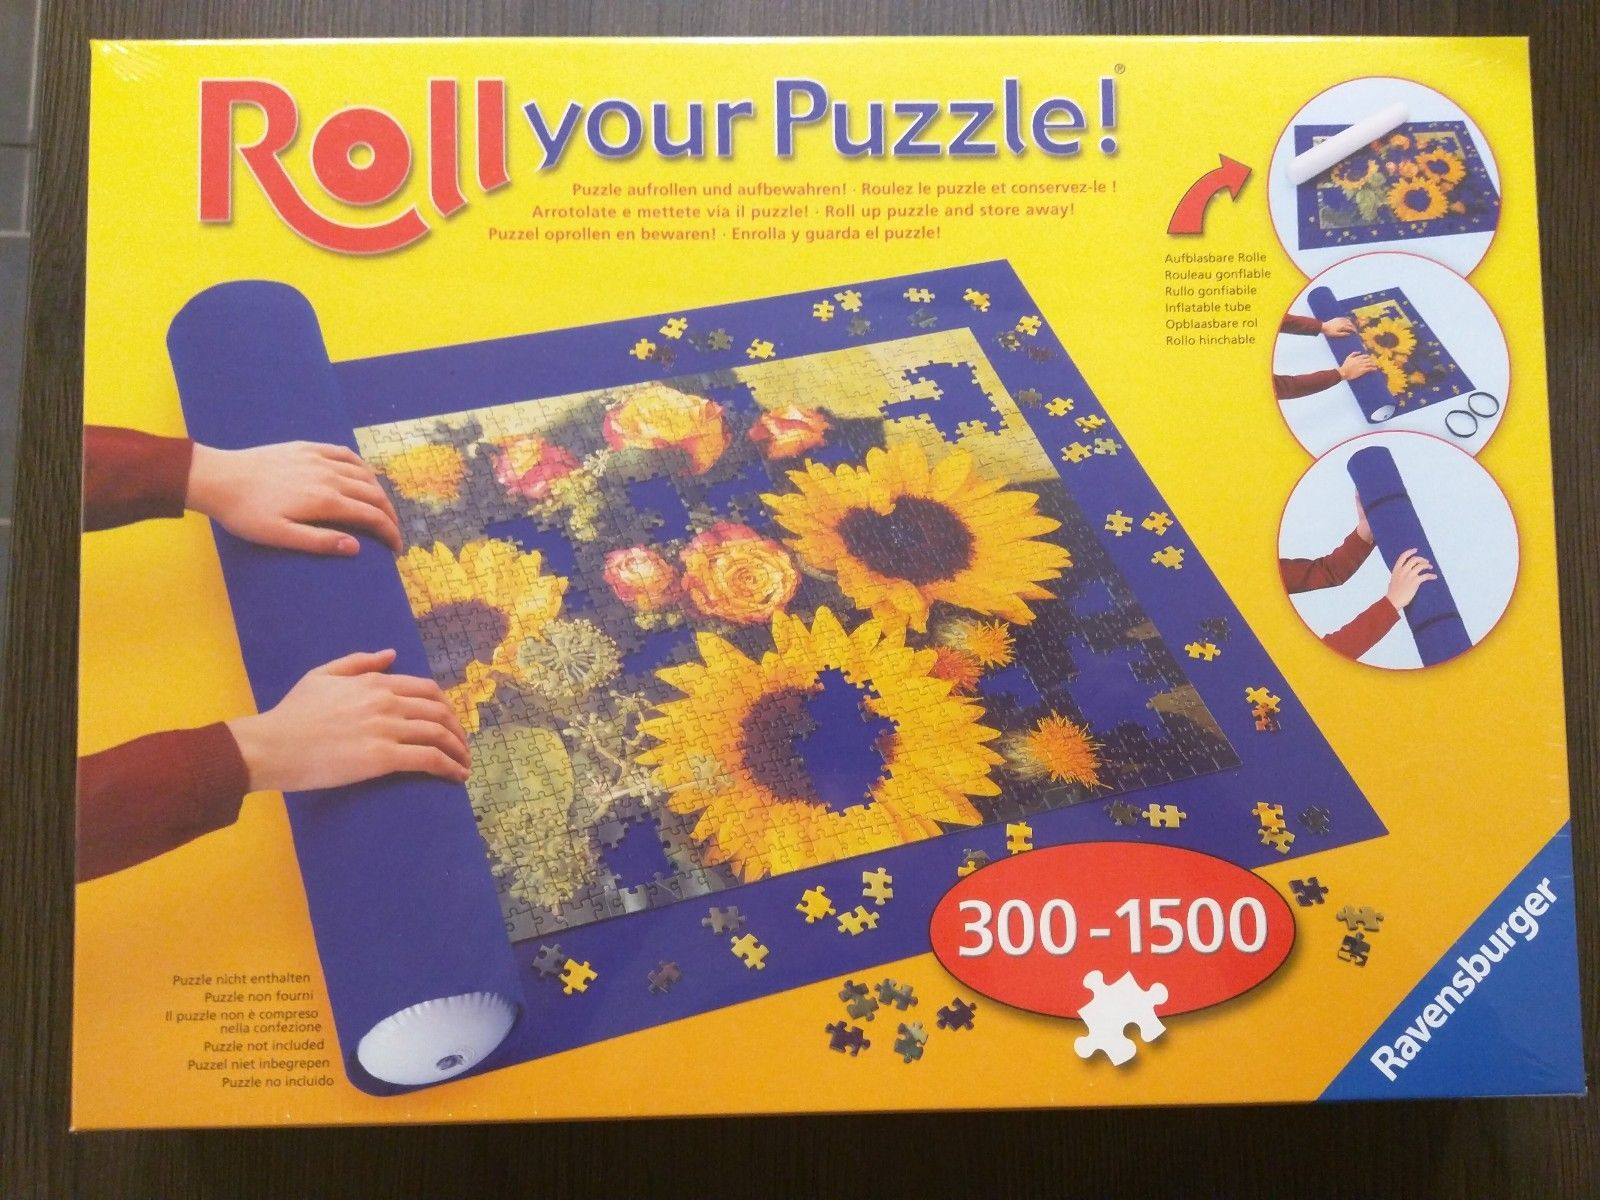 Roll your Puzzle! - Puzzleteppich/Puzzlematte (300 - 1500 Teile) Nr. 179596